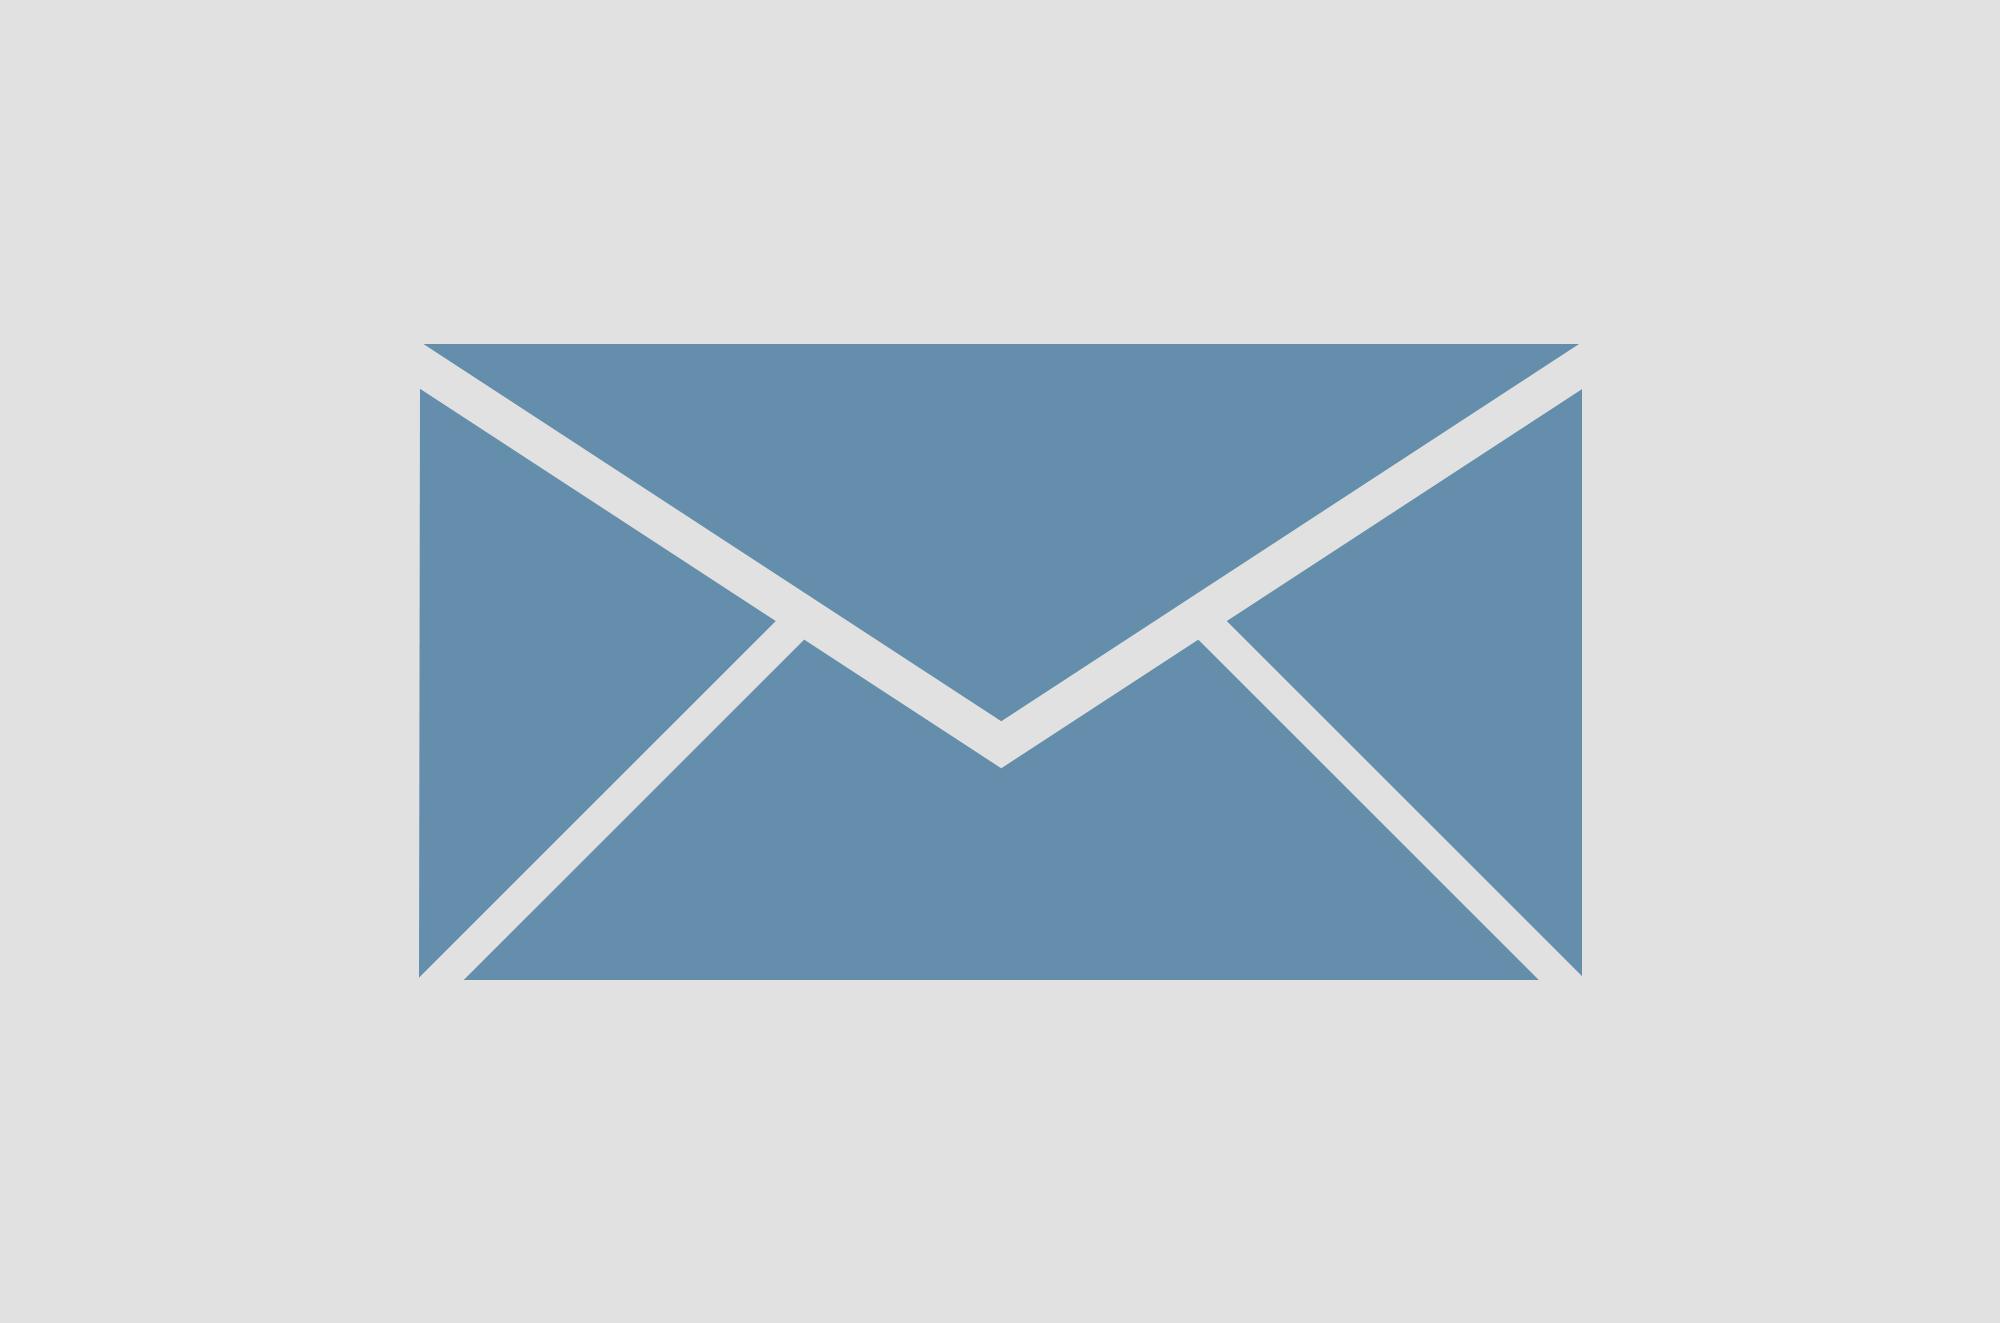 newmail.jpg